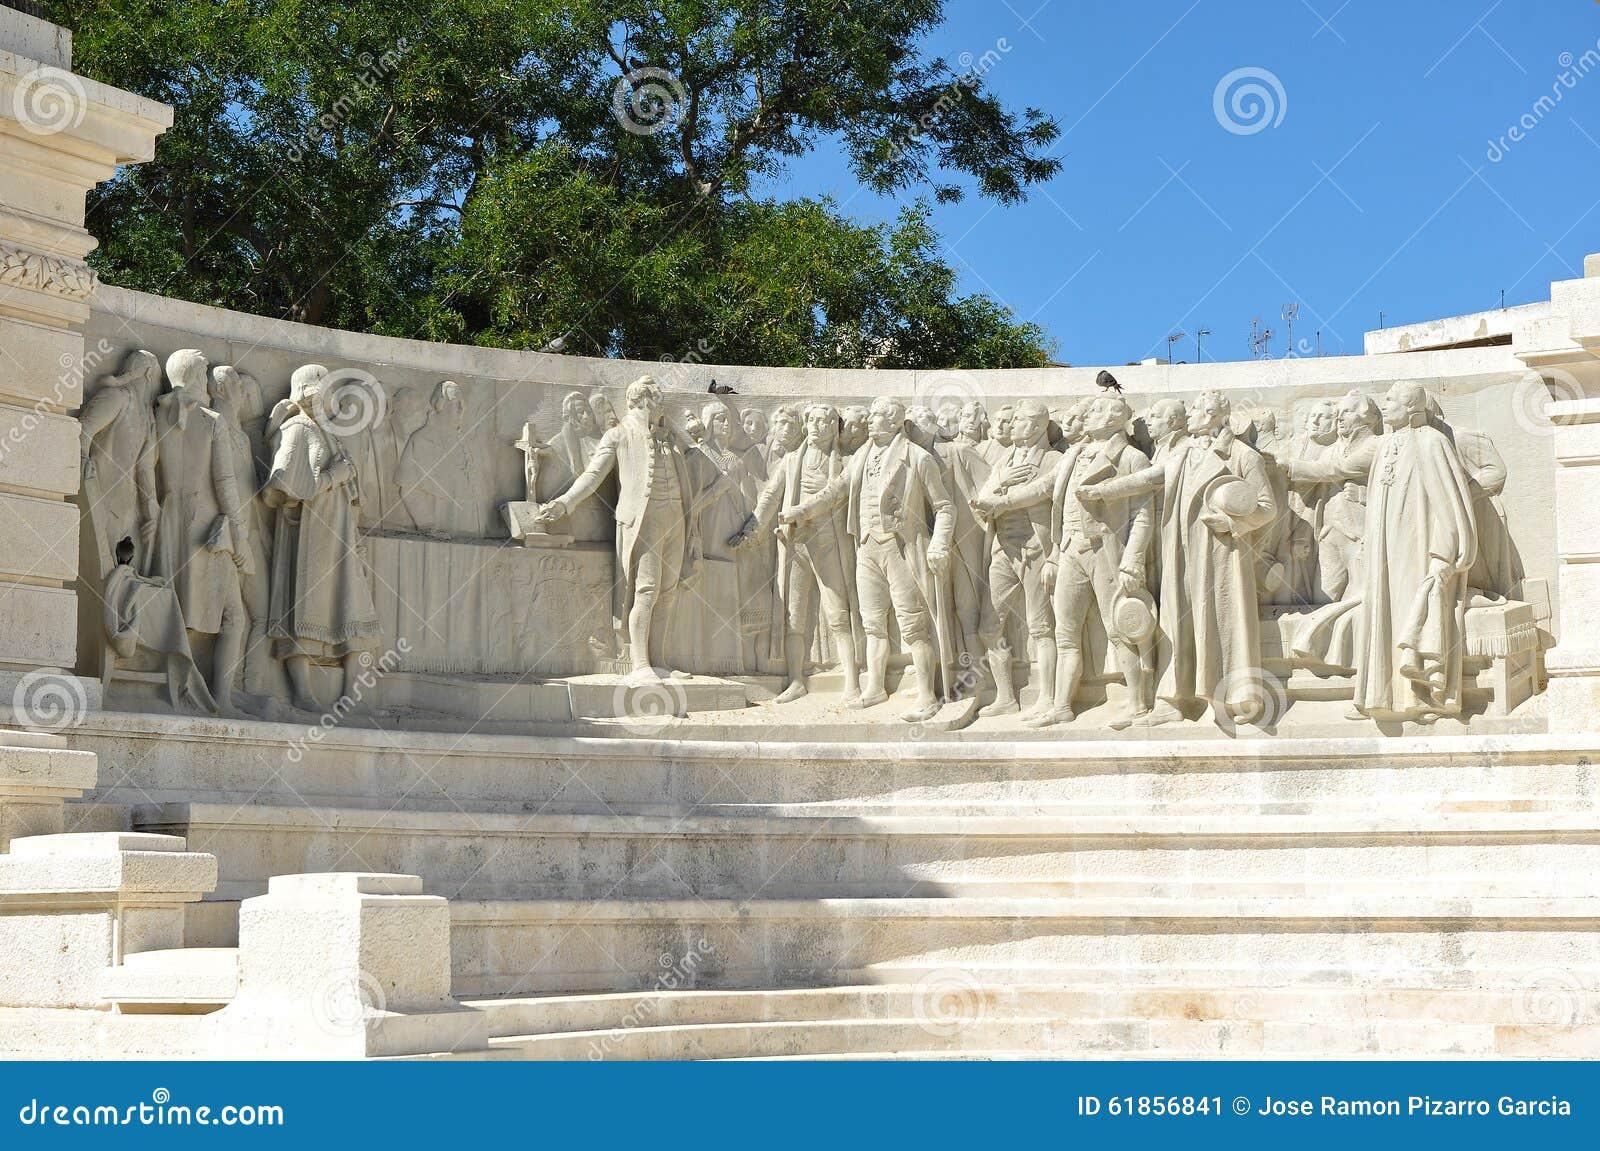 Памятник к судам Кадиса, 1812 конституции, Андалусия, Испания